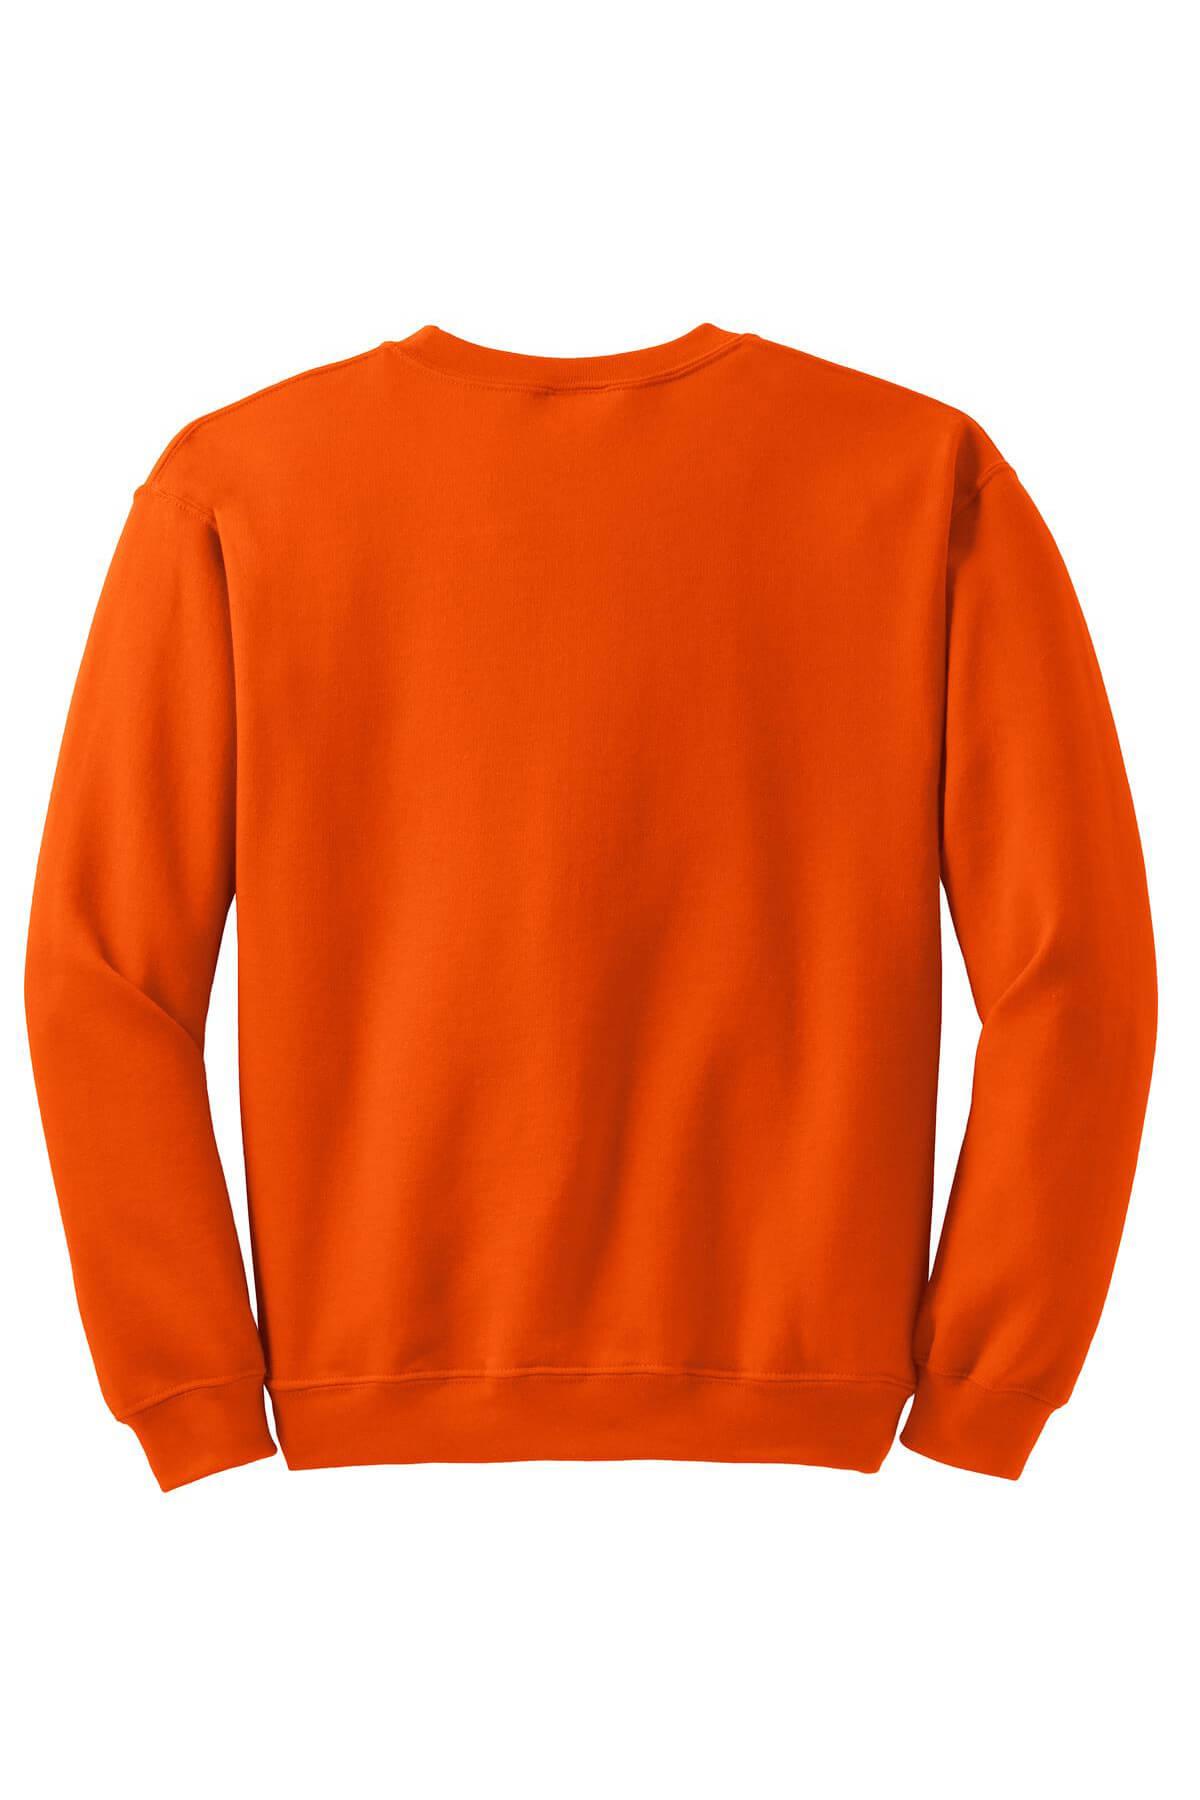 18000-orange-6